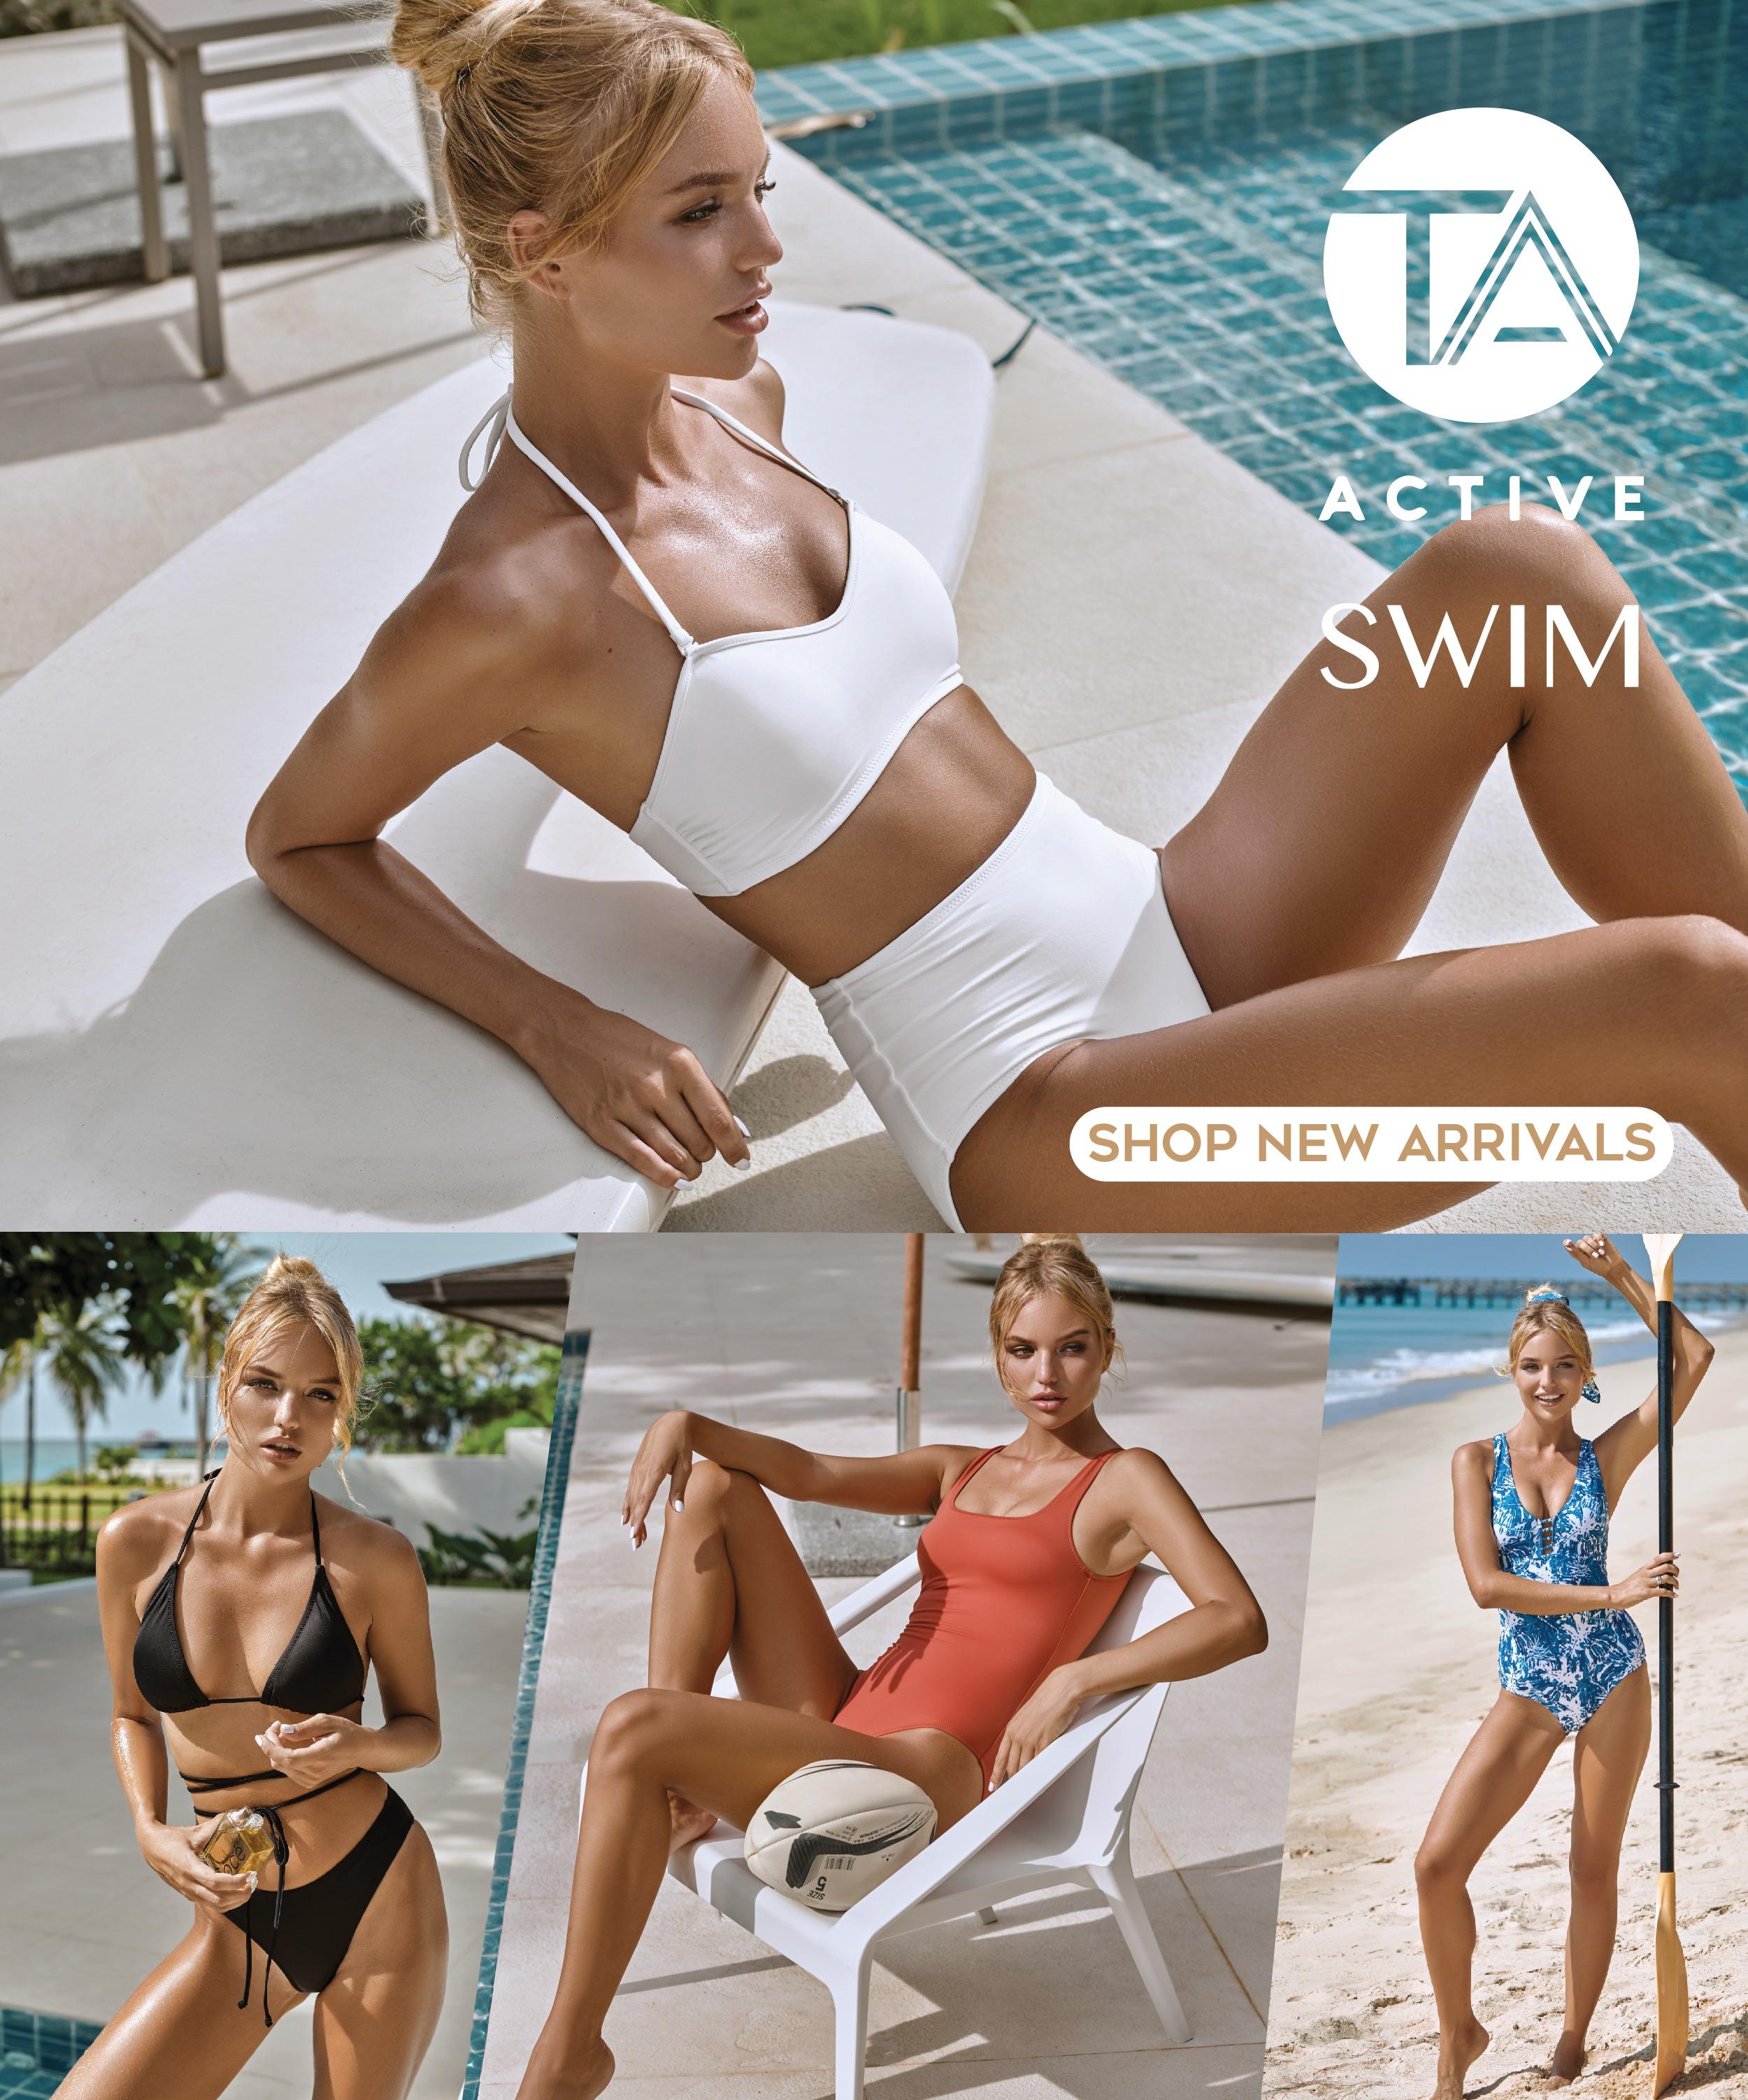 TA Swim